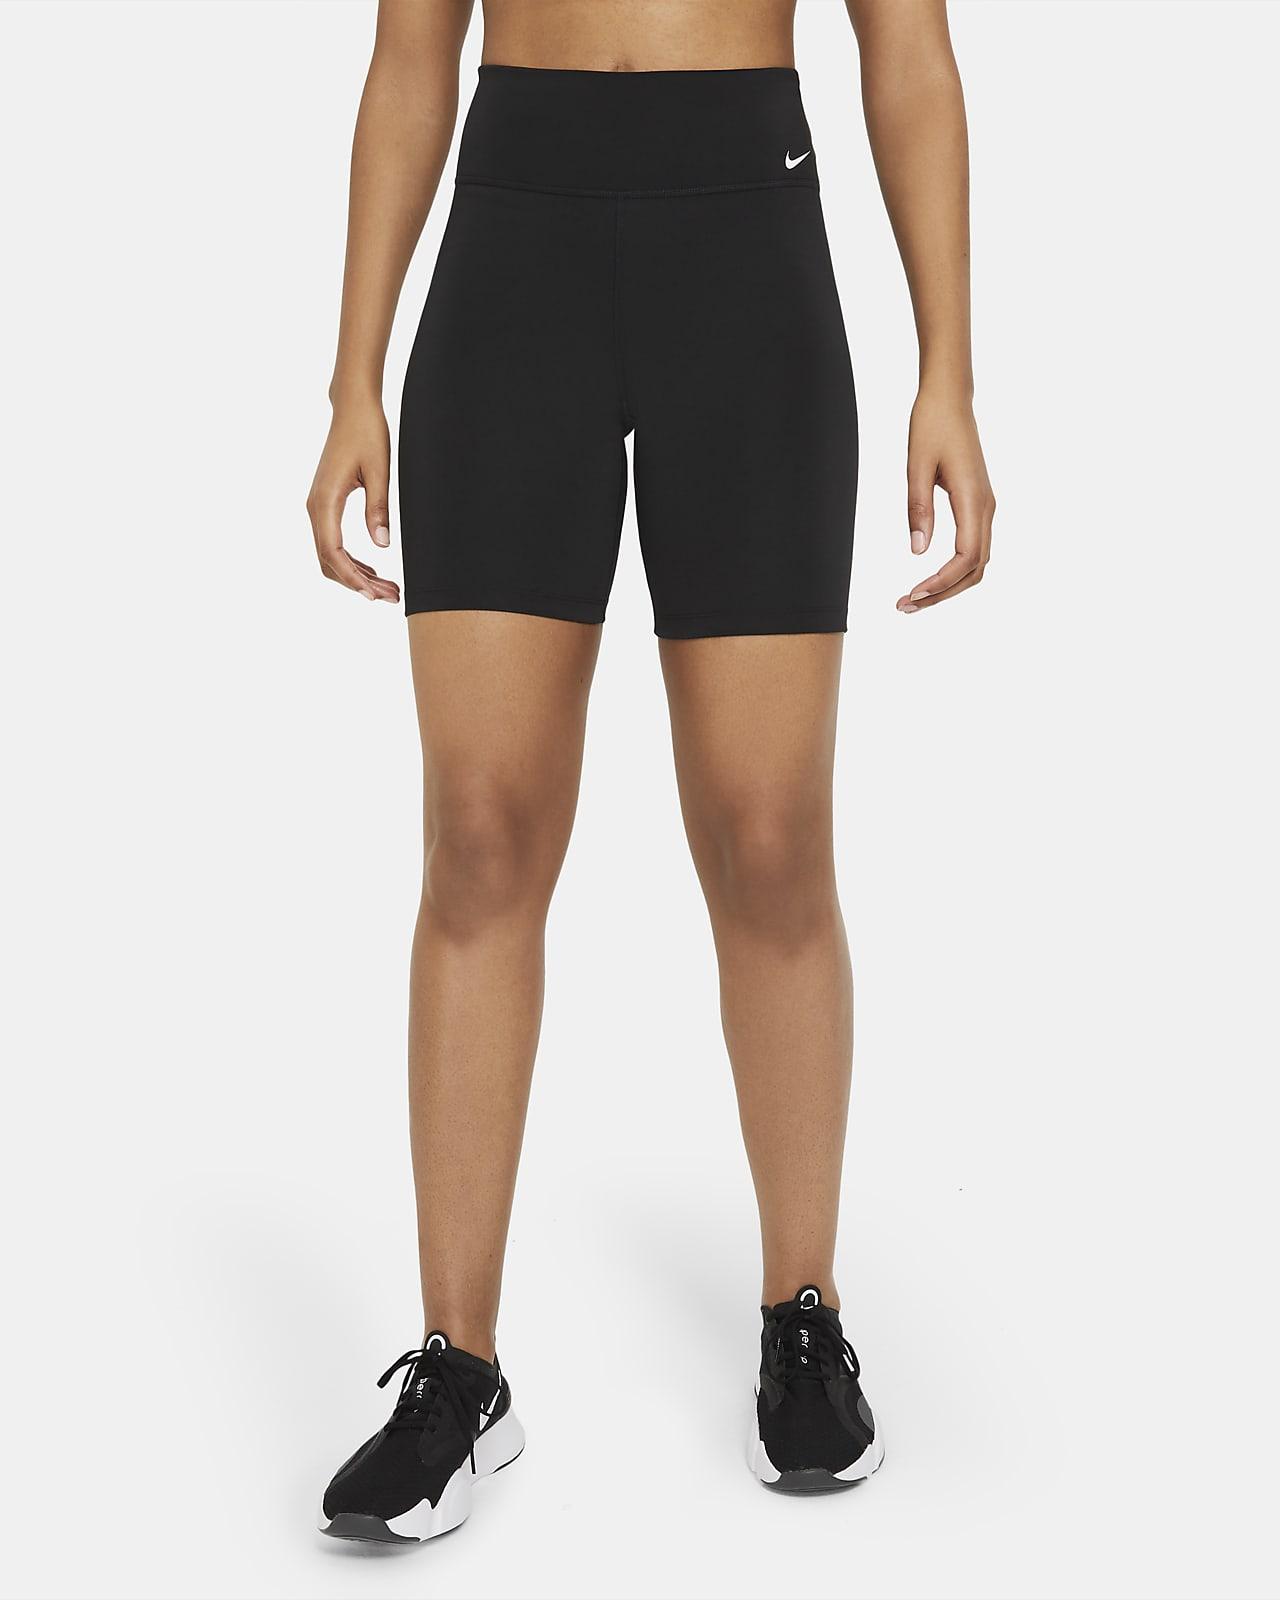 Nike One sykkelshorts med mellomhøyt liv til dame (18 cm)